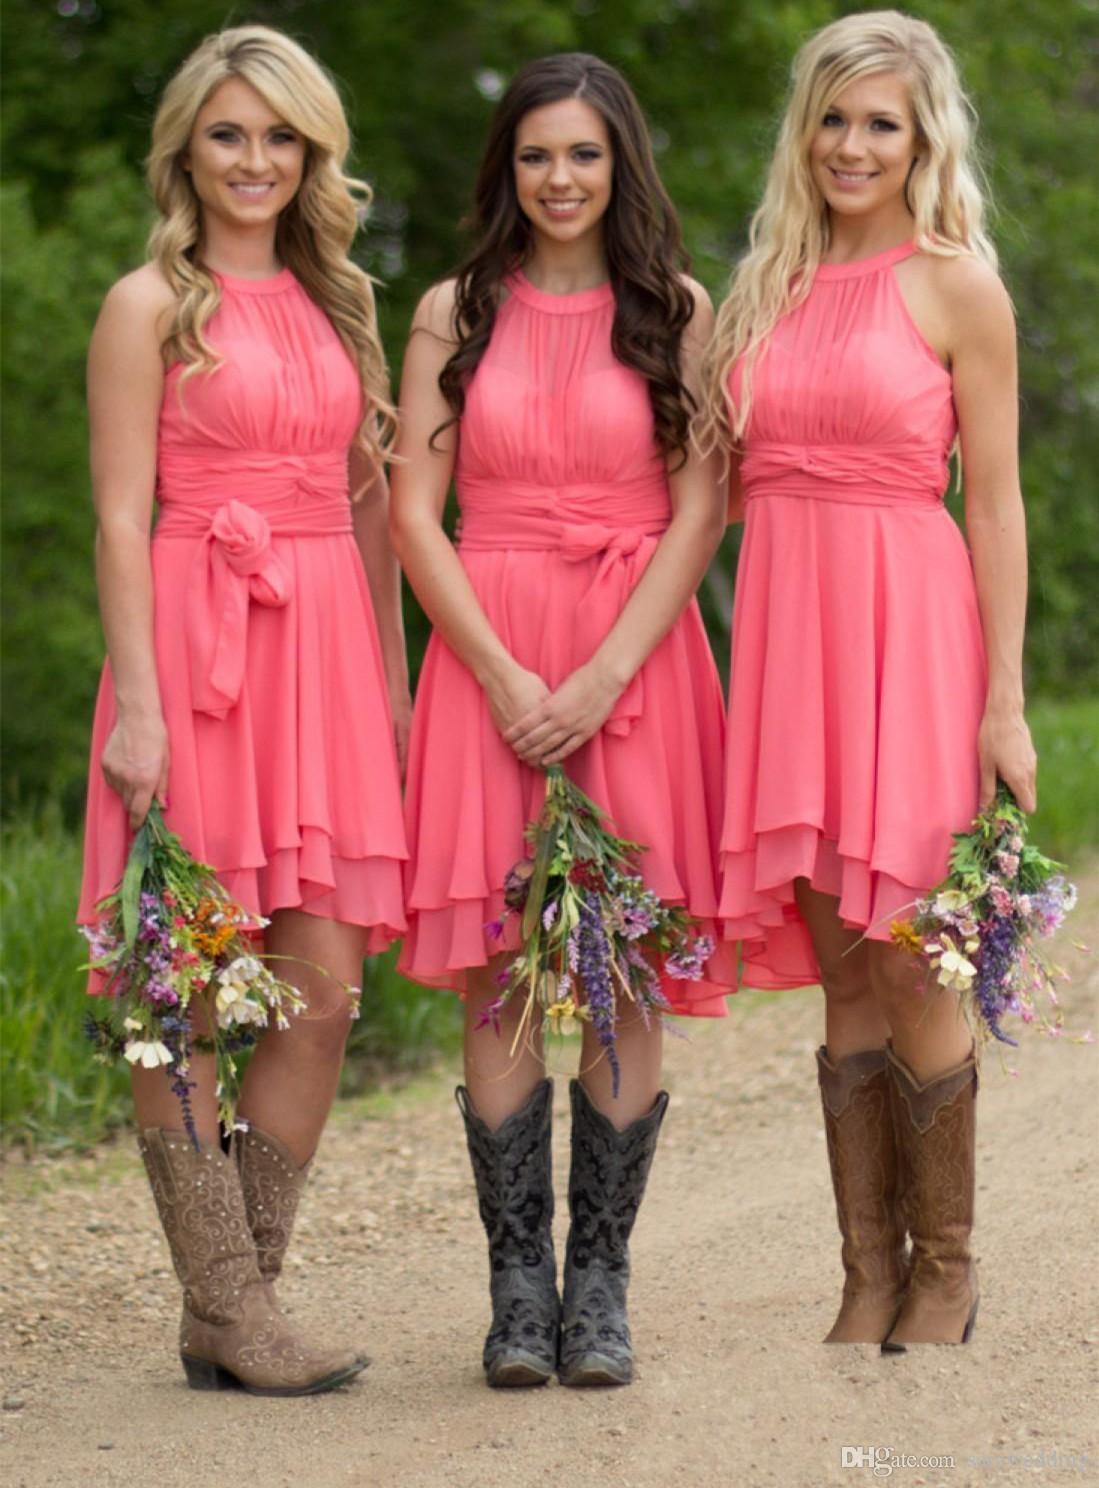 Halter Pescoço Chiffon Curto Dama de Honra Vestidos 2019 Backless Country Style Verão Convidado Do Casamento Vestido De Melancia Vestidos de Praia